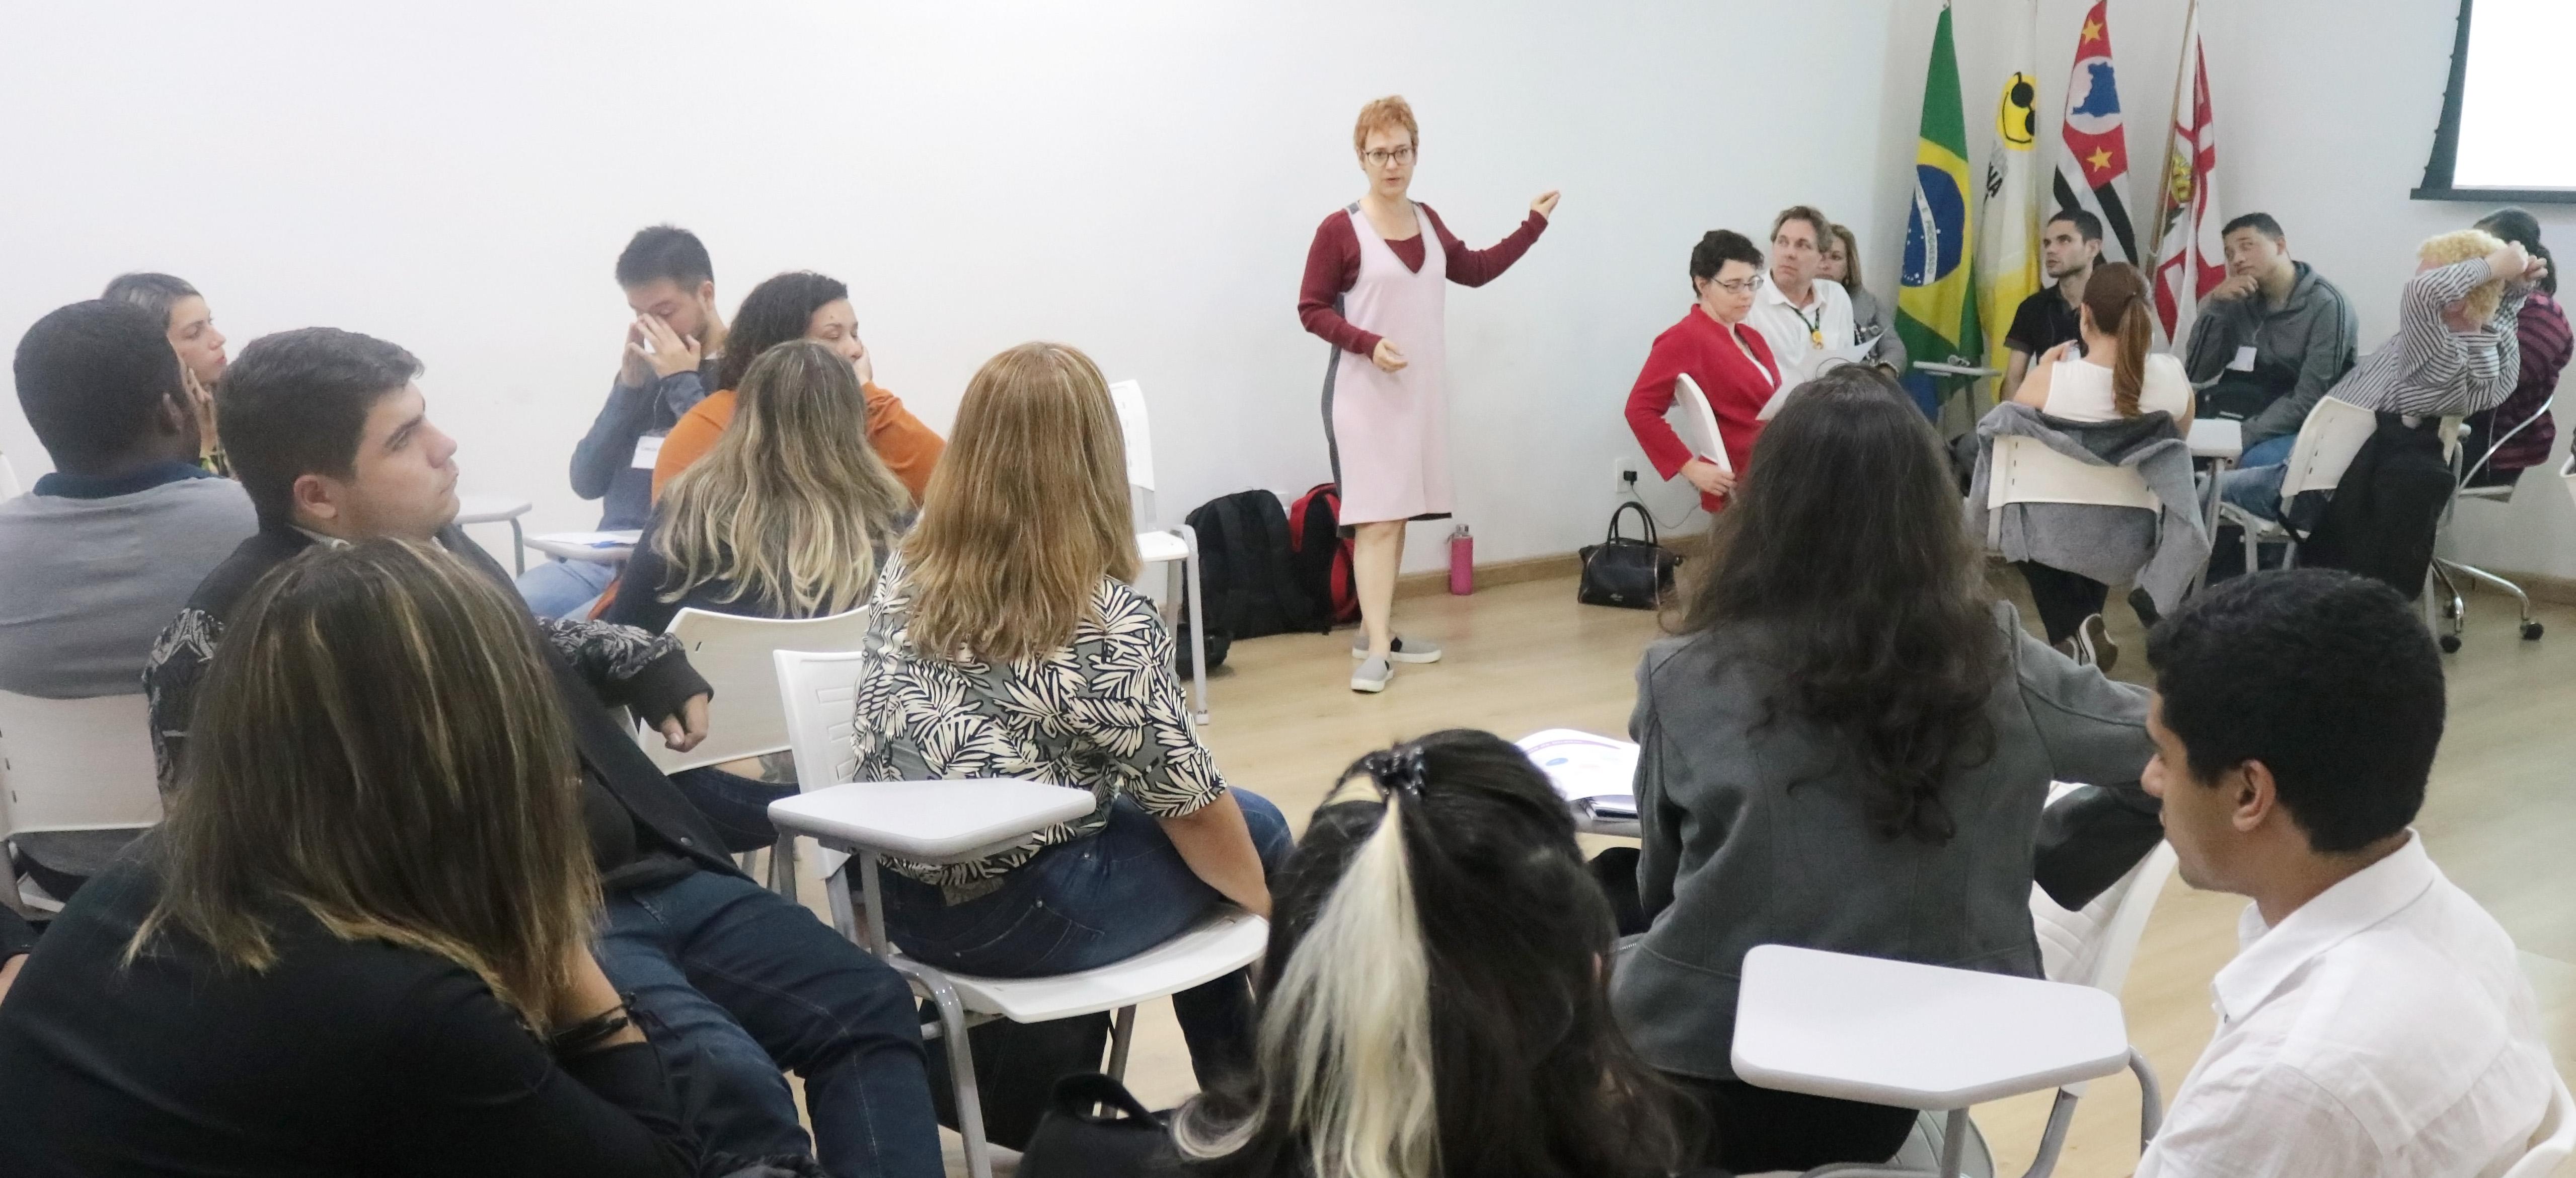 Descrição da imagem: foto de Ivone Santana de pé, falando para cerca de 20 pessoas sentadas, divididas em pequenos grupos.